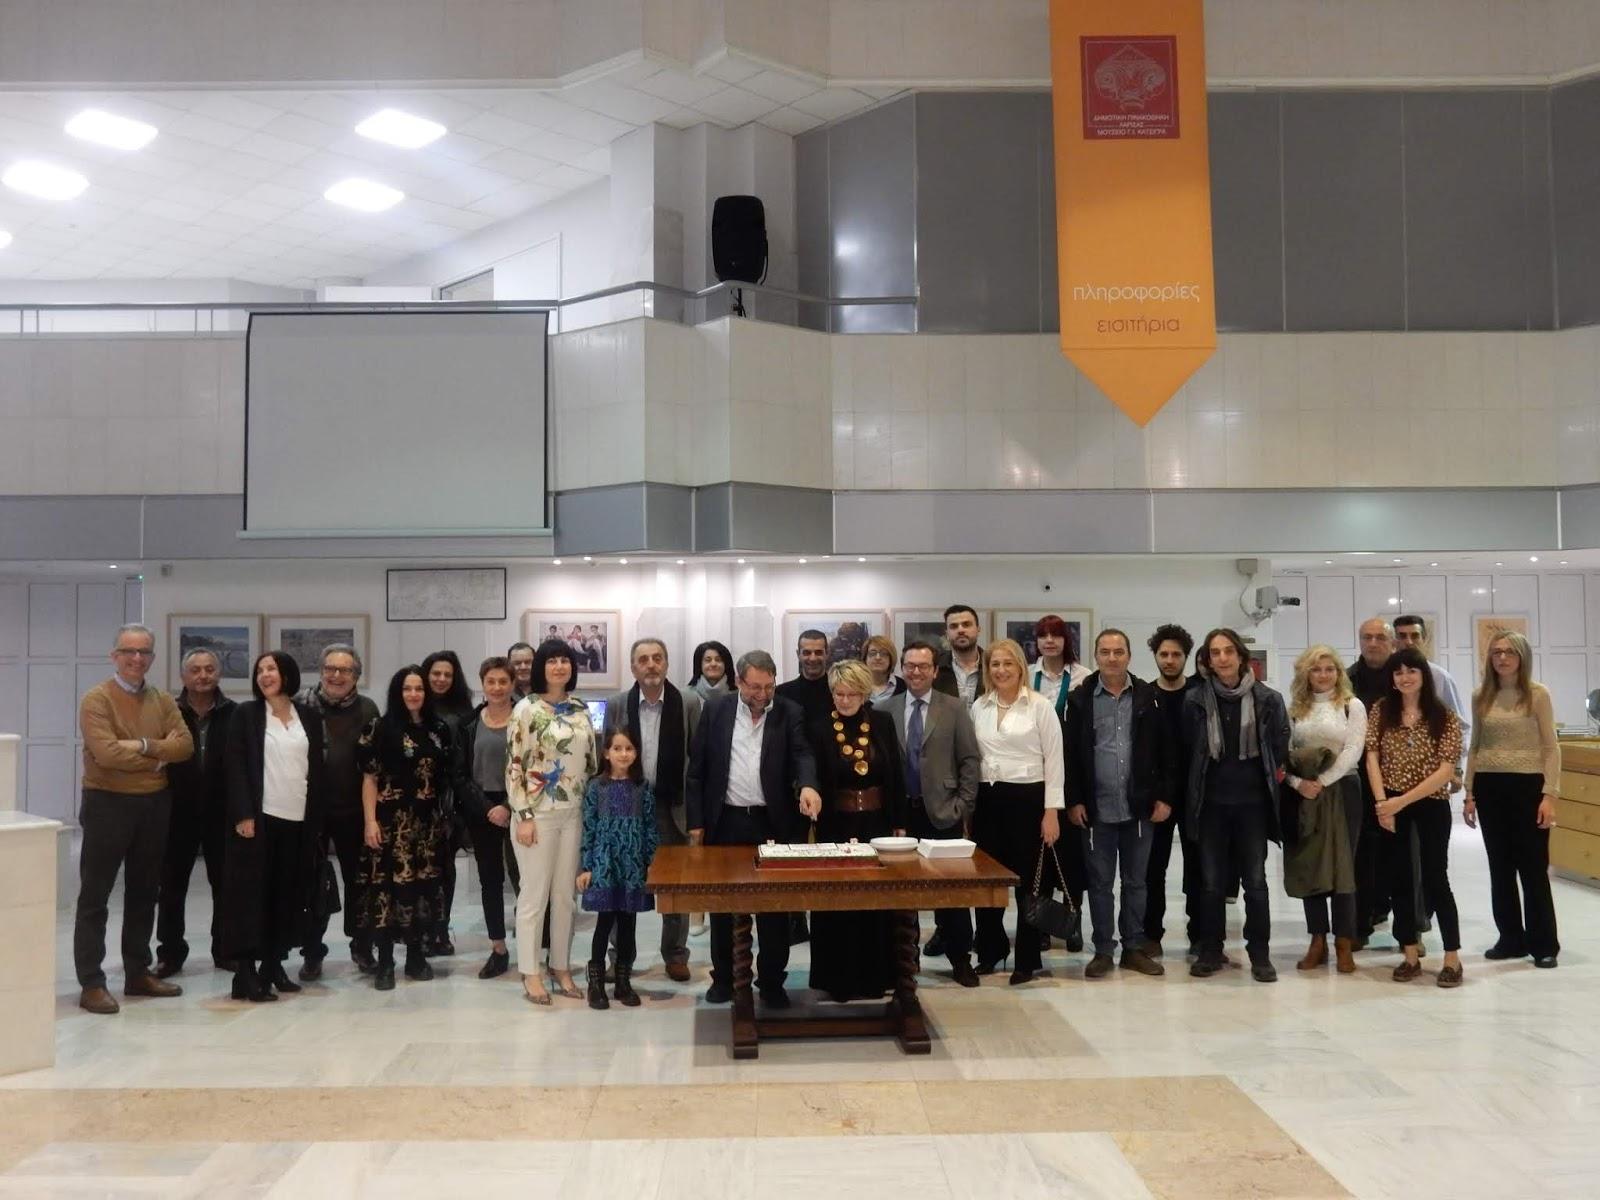 Κοπή βασιλόπιτας πραγματοποιήθηκε στη Δημοτική Πινακοθήκη Λάρισας